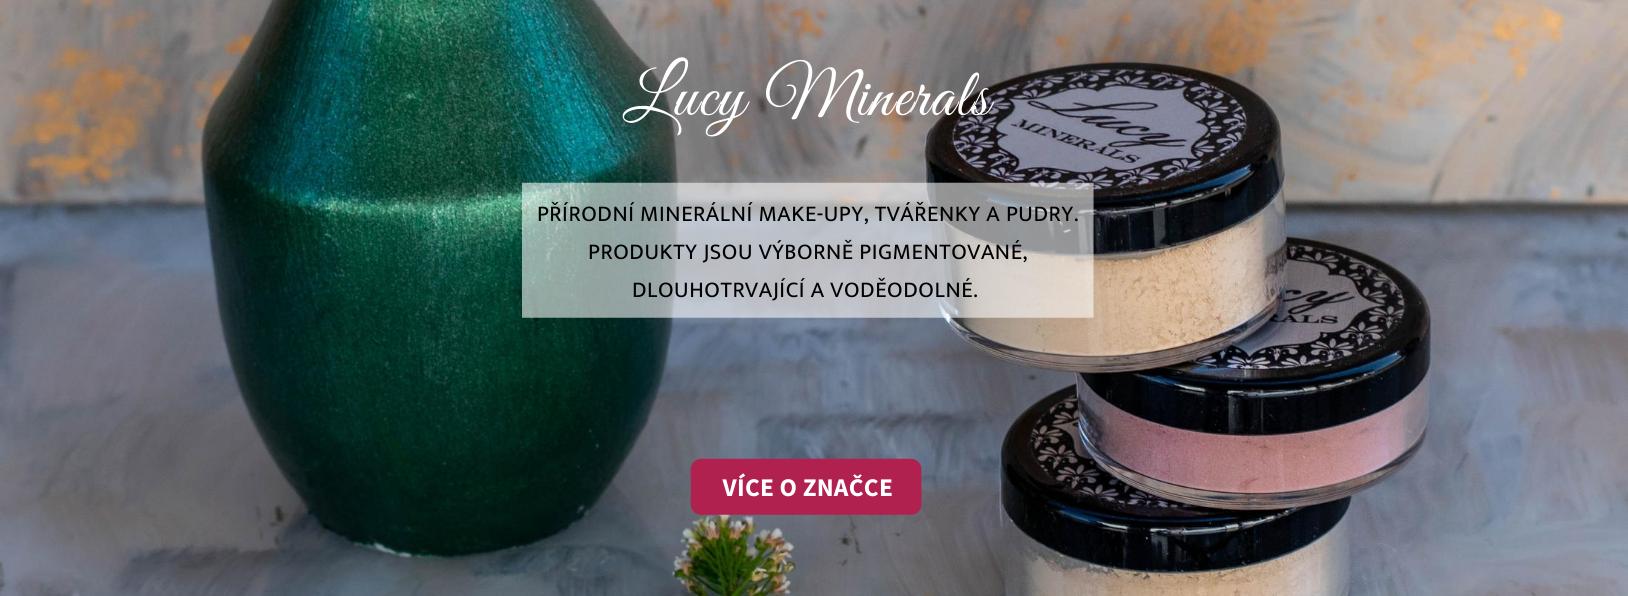 Lucy Minerals - přírodní minerální kosmetika